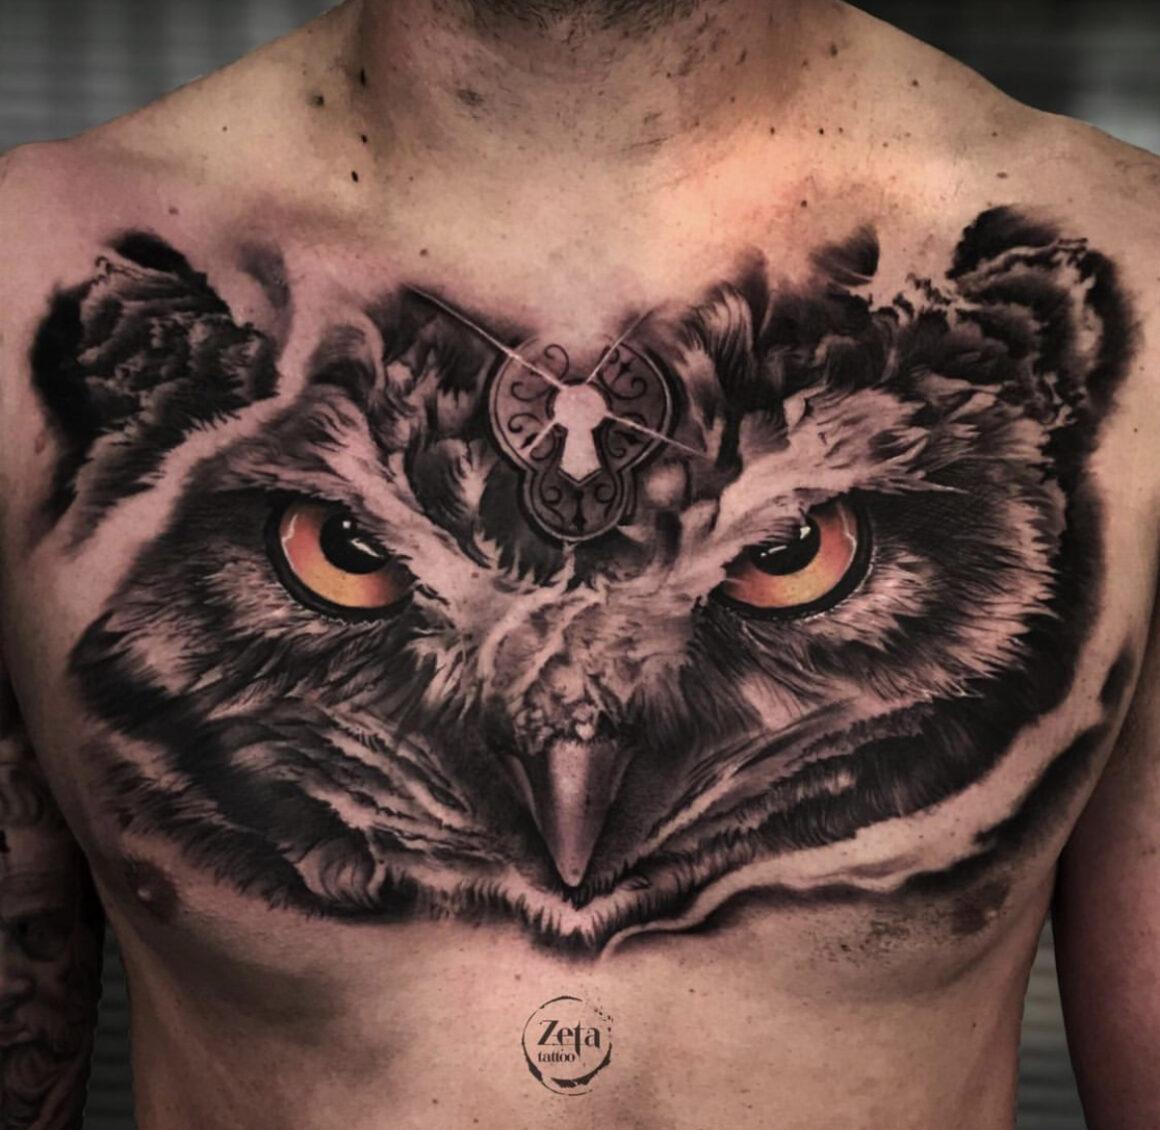 Ezequiel Zeta, Studio Zeta Tattoo, Castellon, Spain